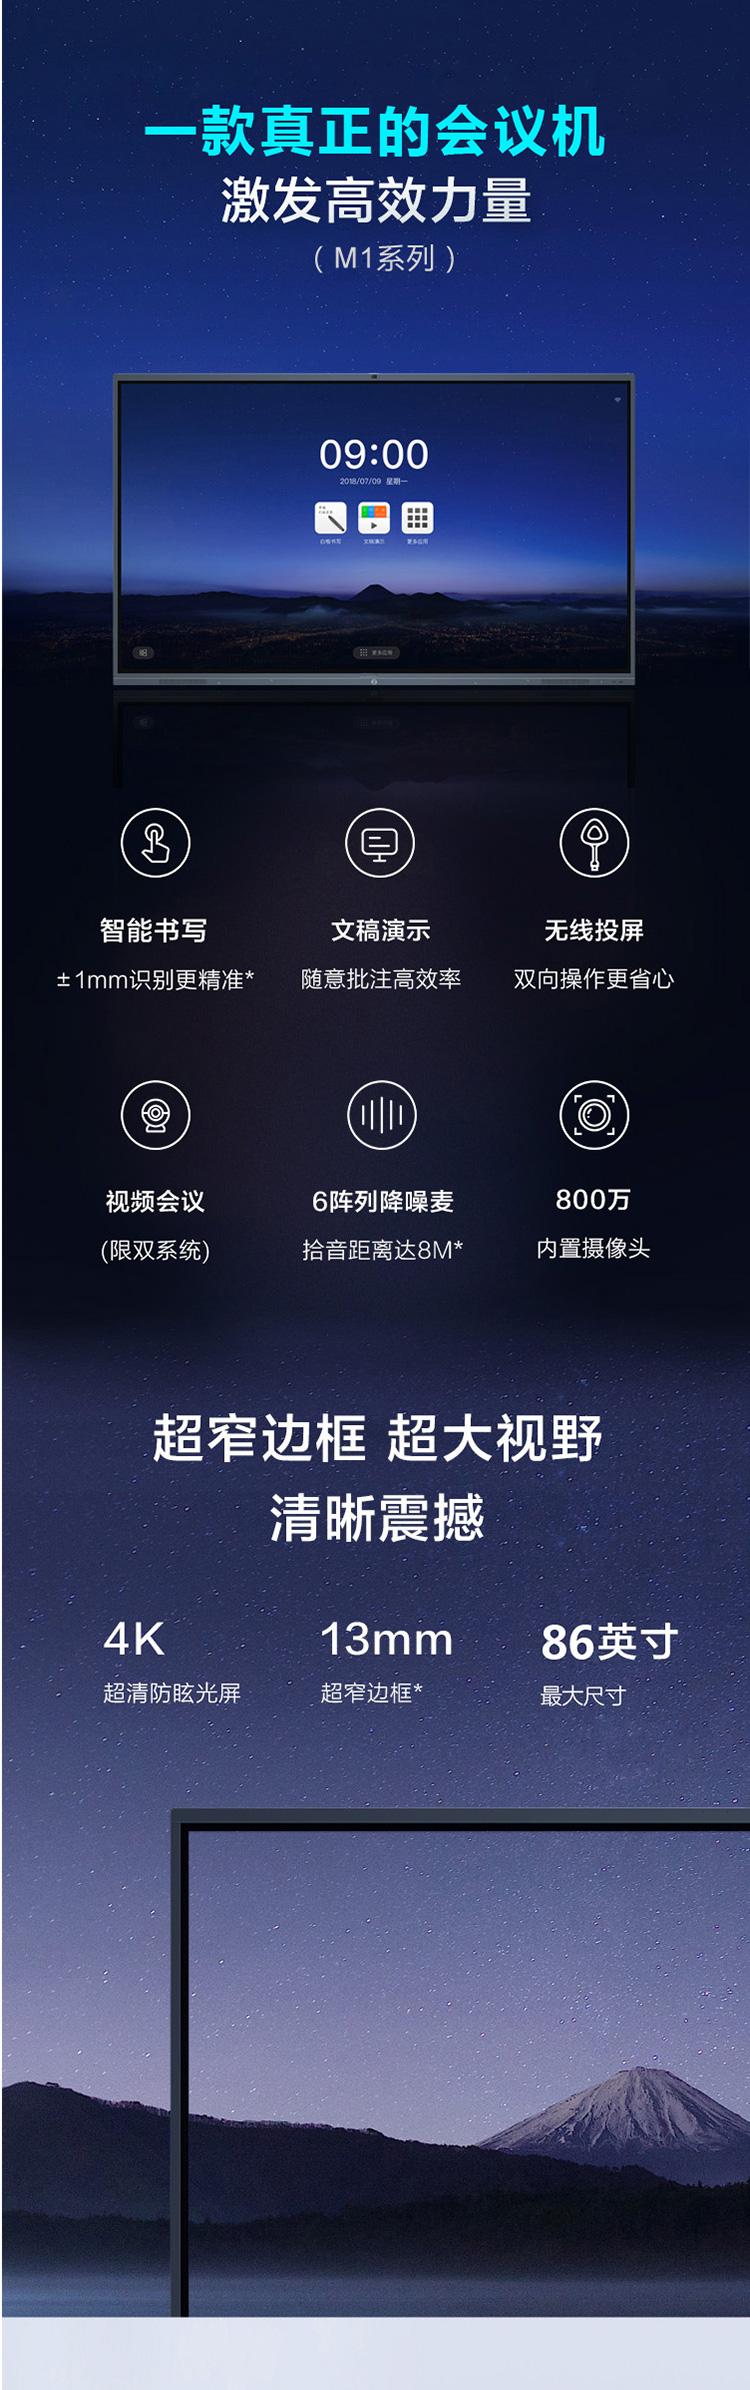 M1系列詳情頁中性_01.jpg